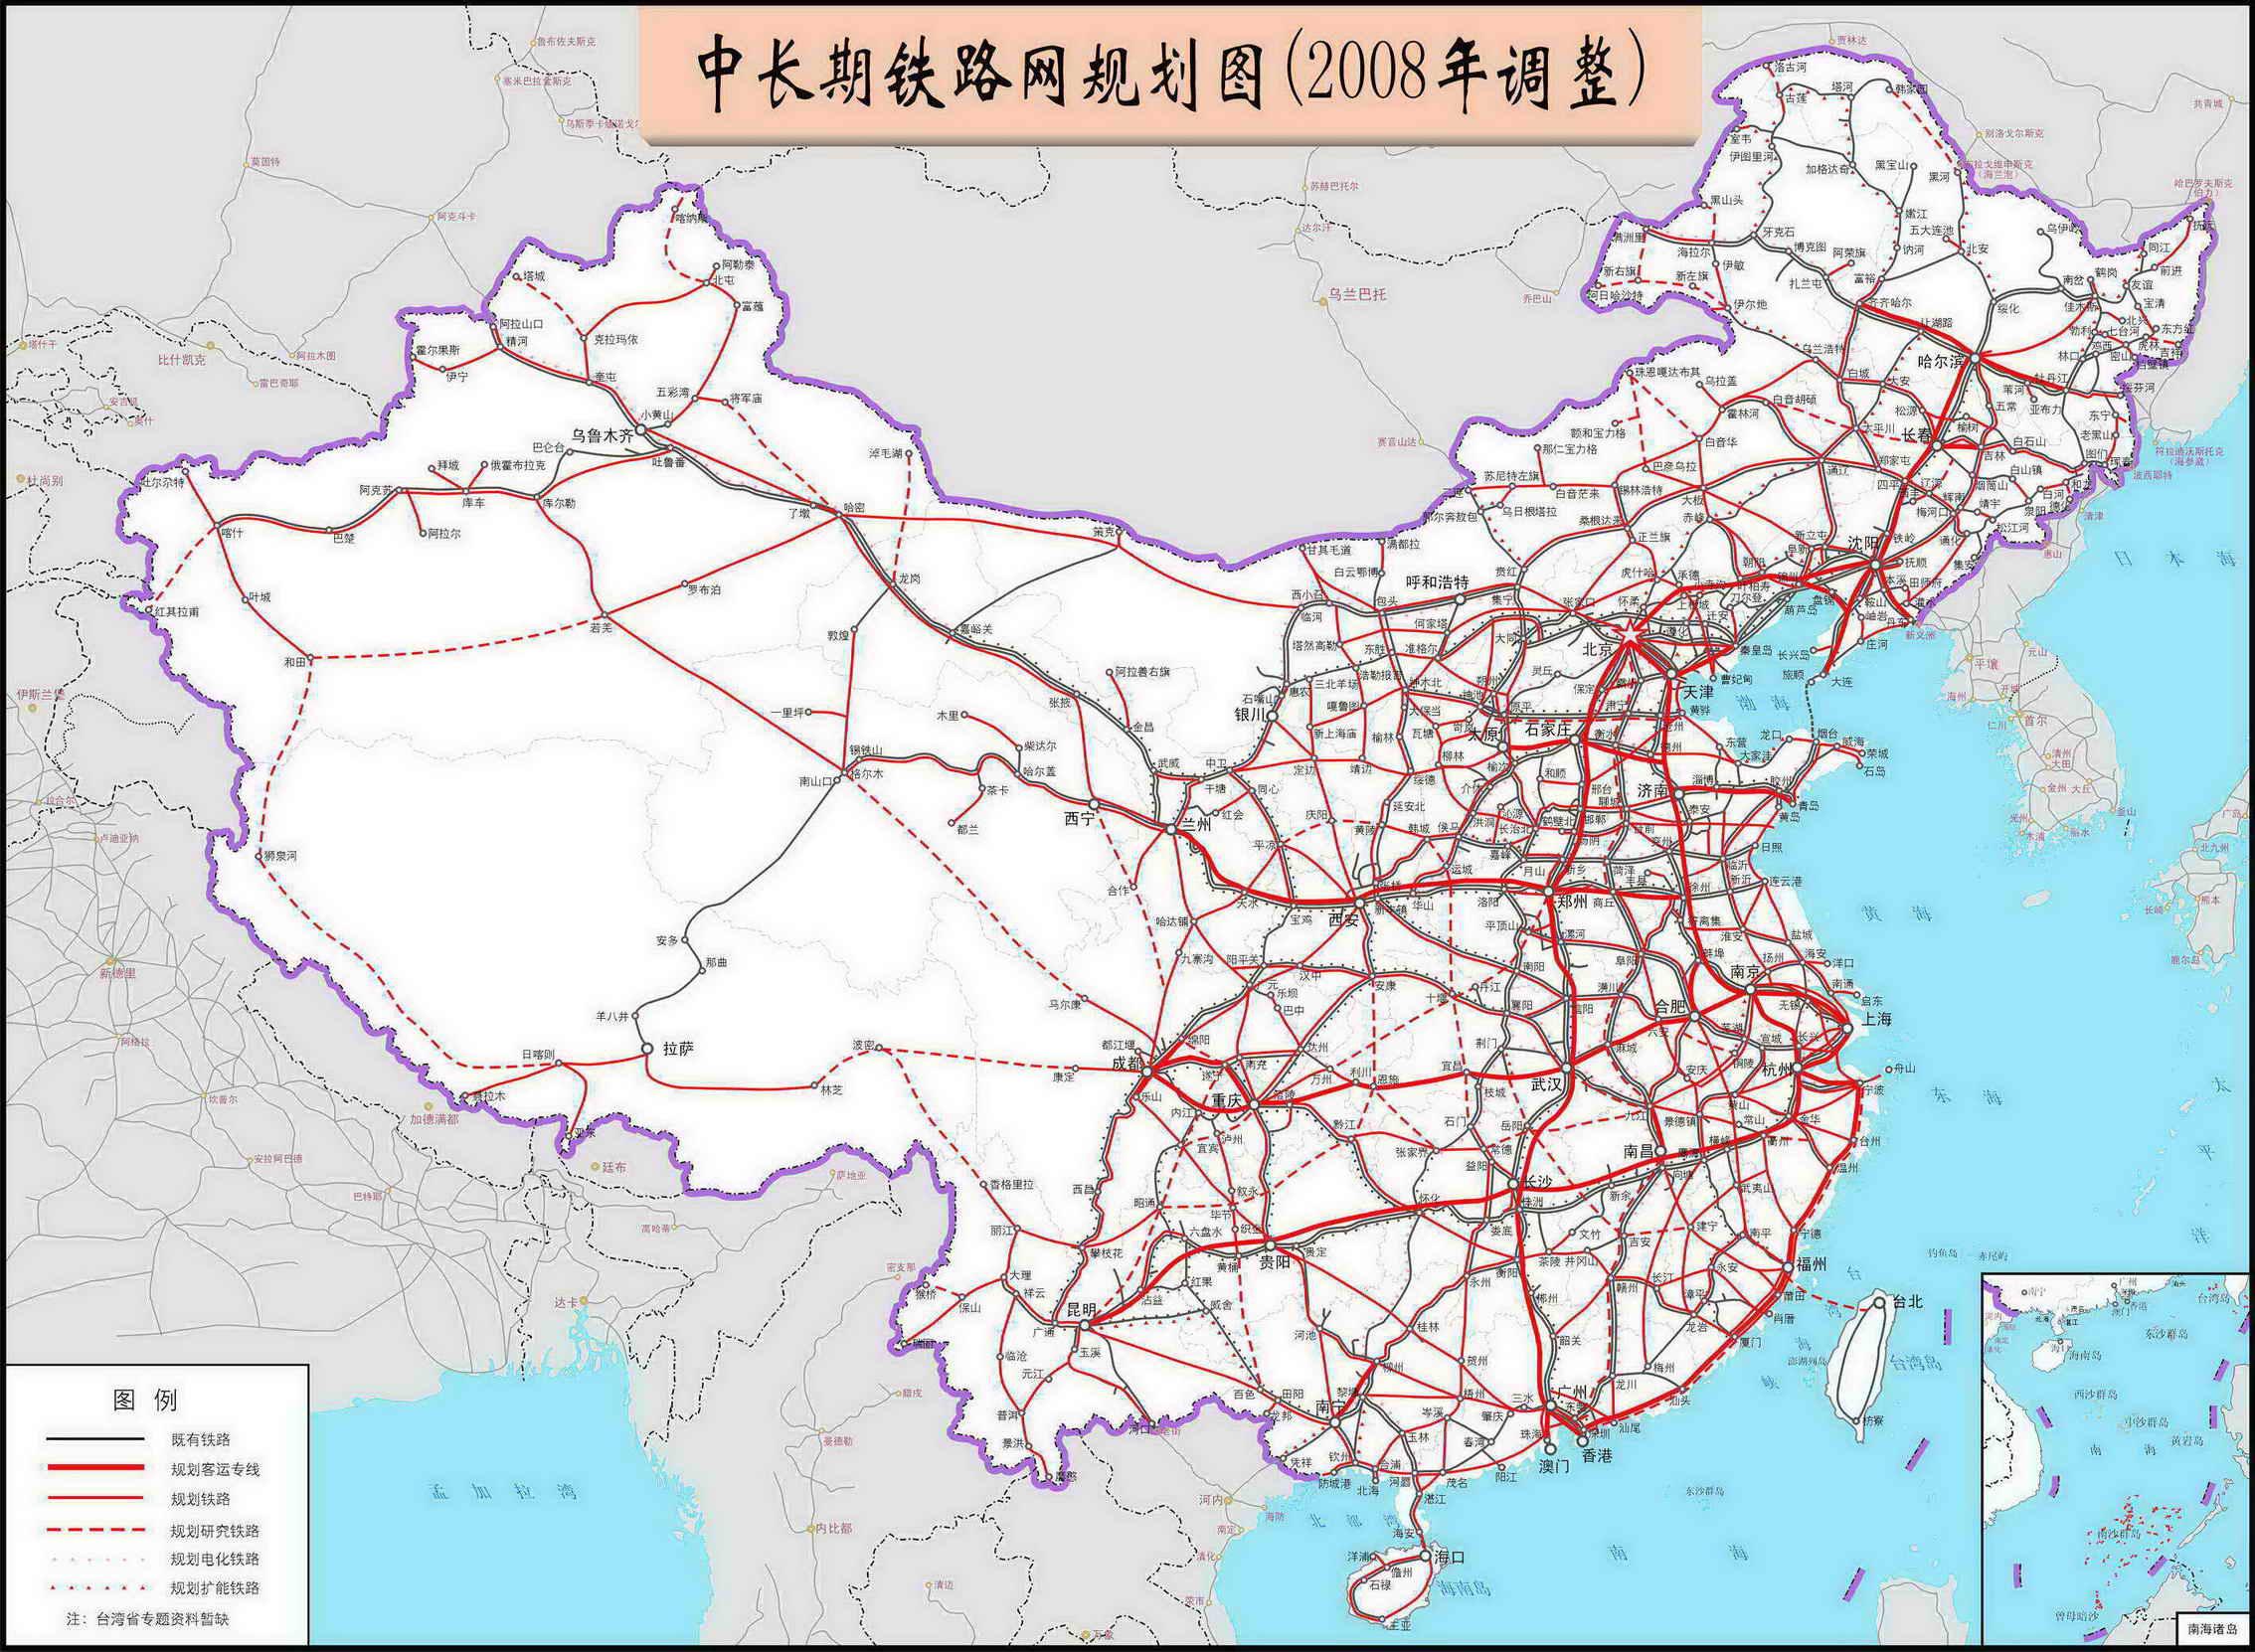 中国铁路网_全国铁路线路图_中国铁路地图_铁路线路图